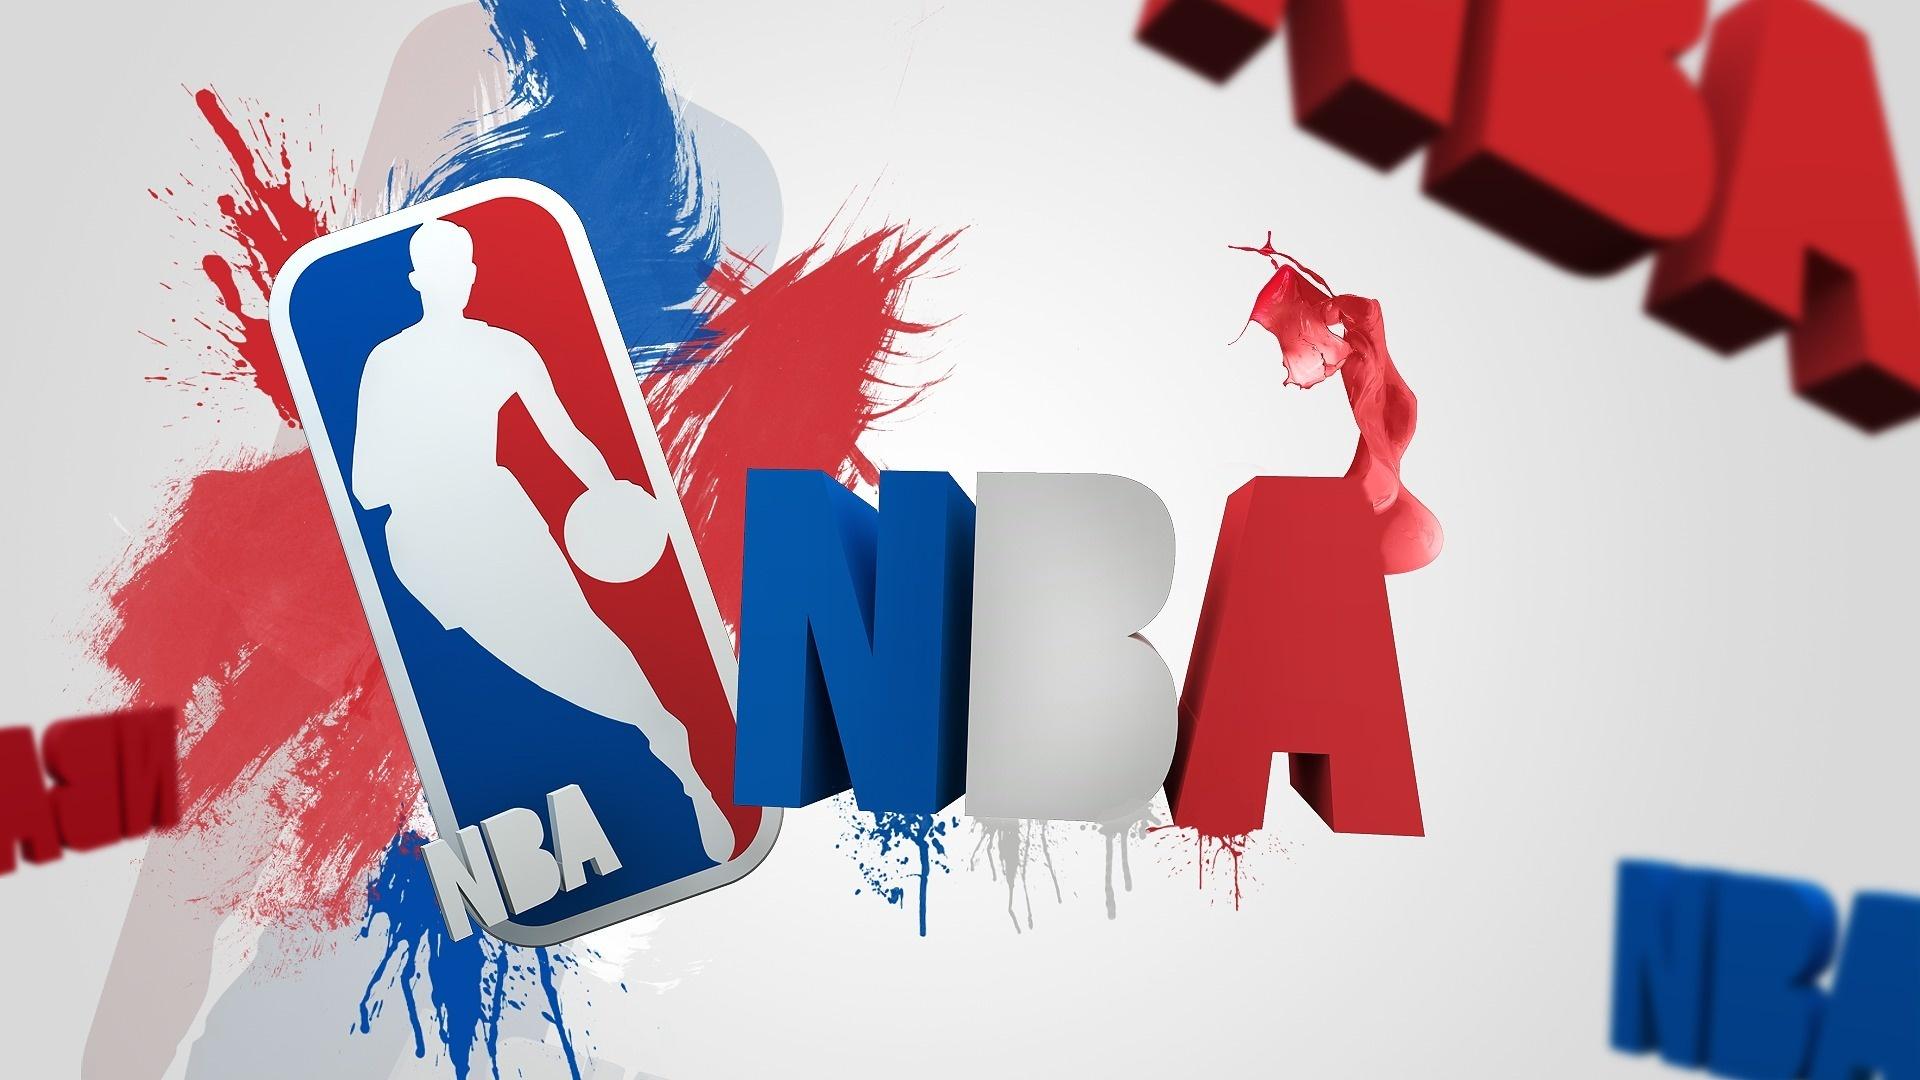 basketball de la nba fonds d'écran x fonds d'écran de